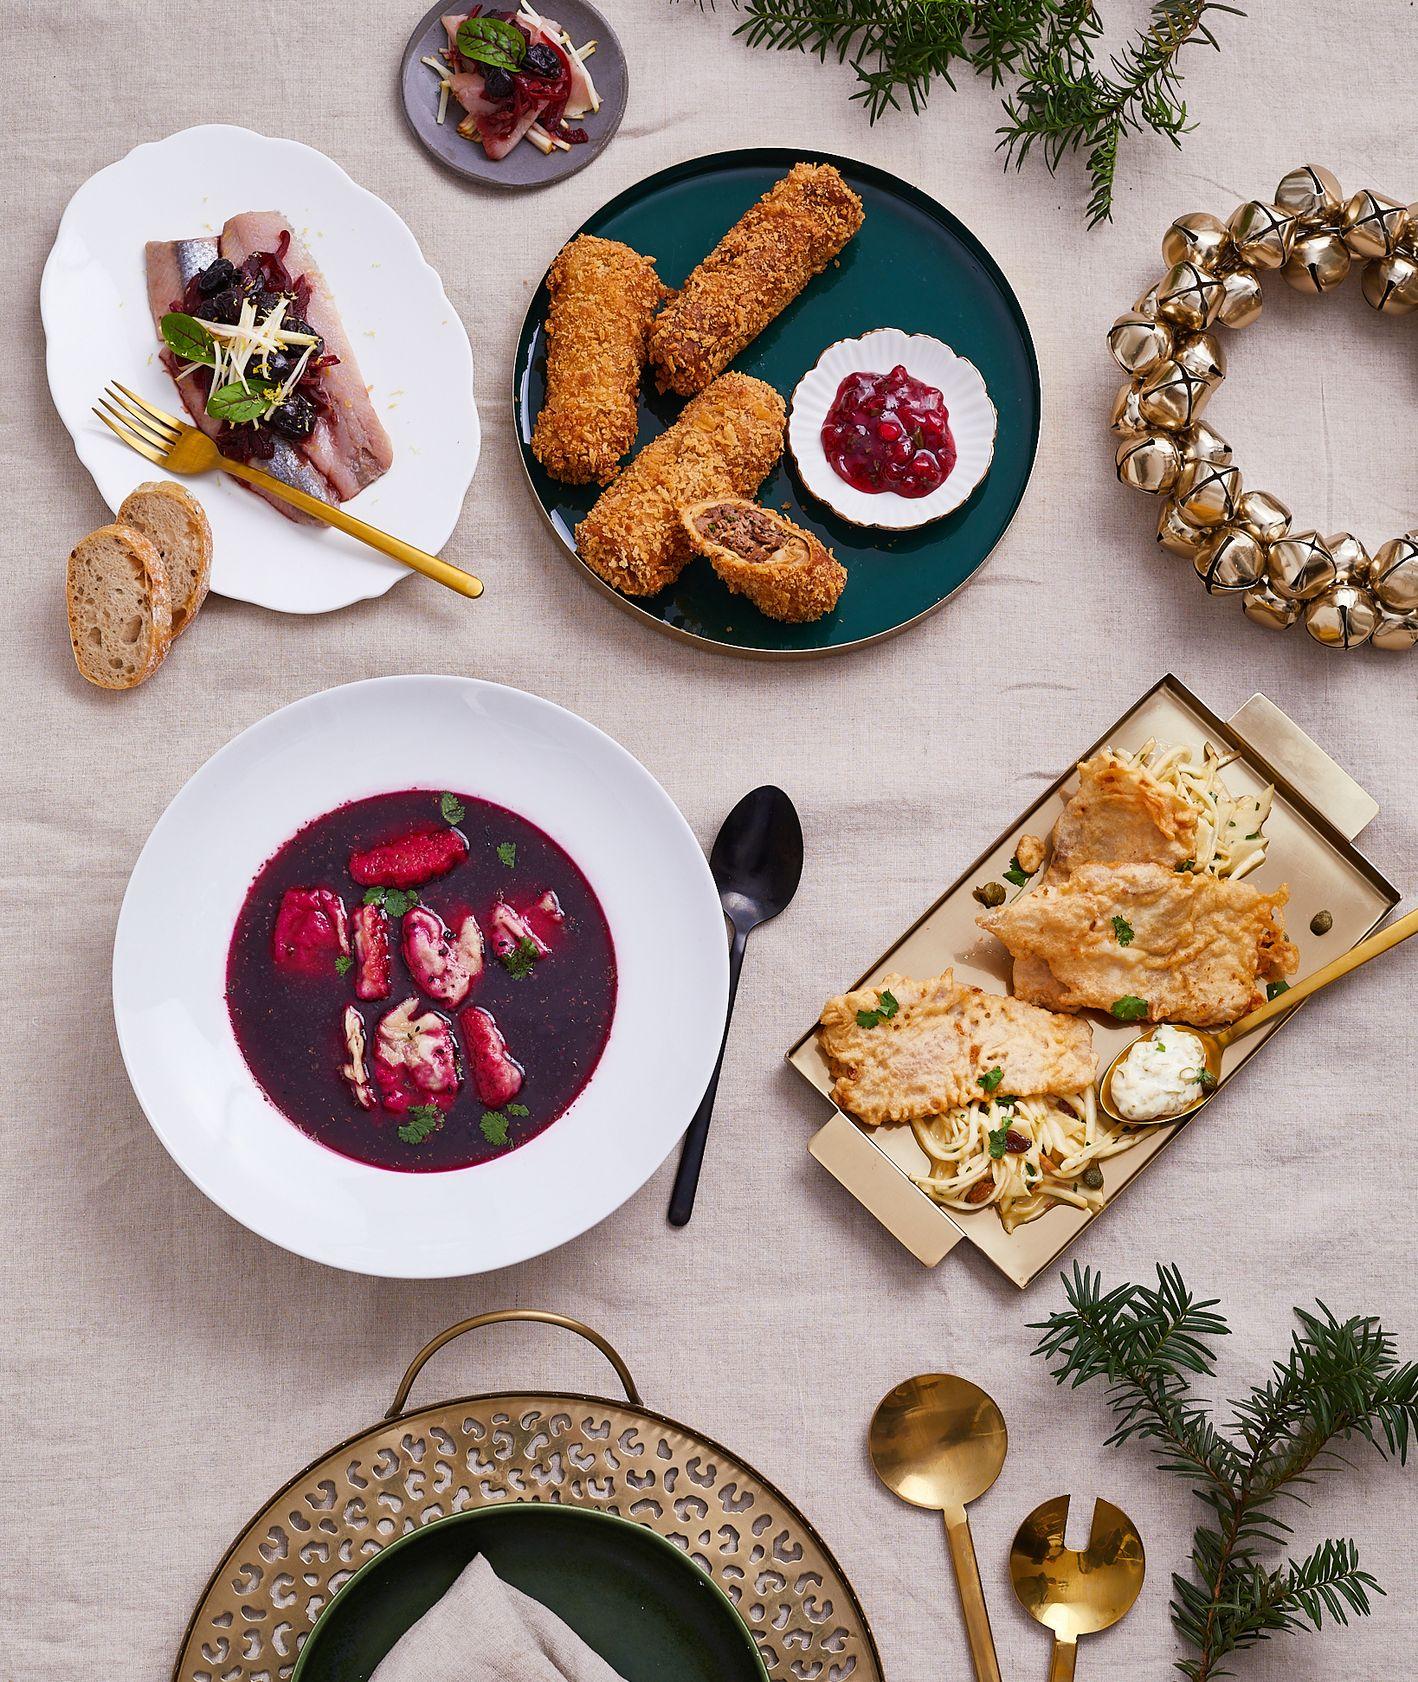 Świąteczene klasyczne dania z twistem. Farma Bii (fot. Maciek Niemojewski)